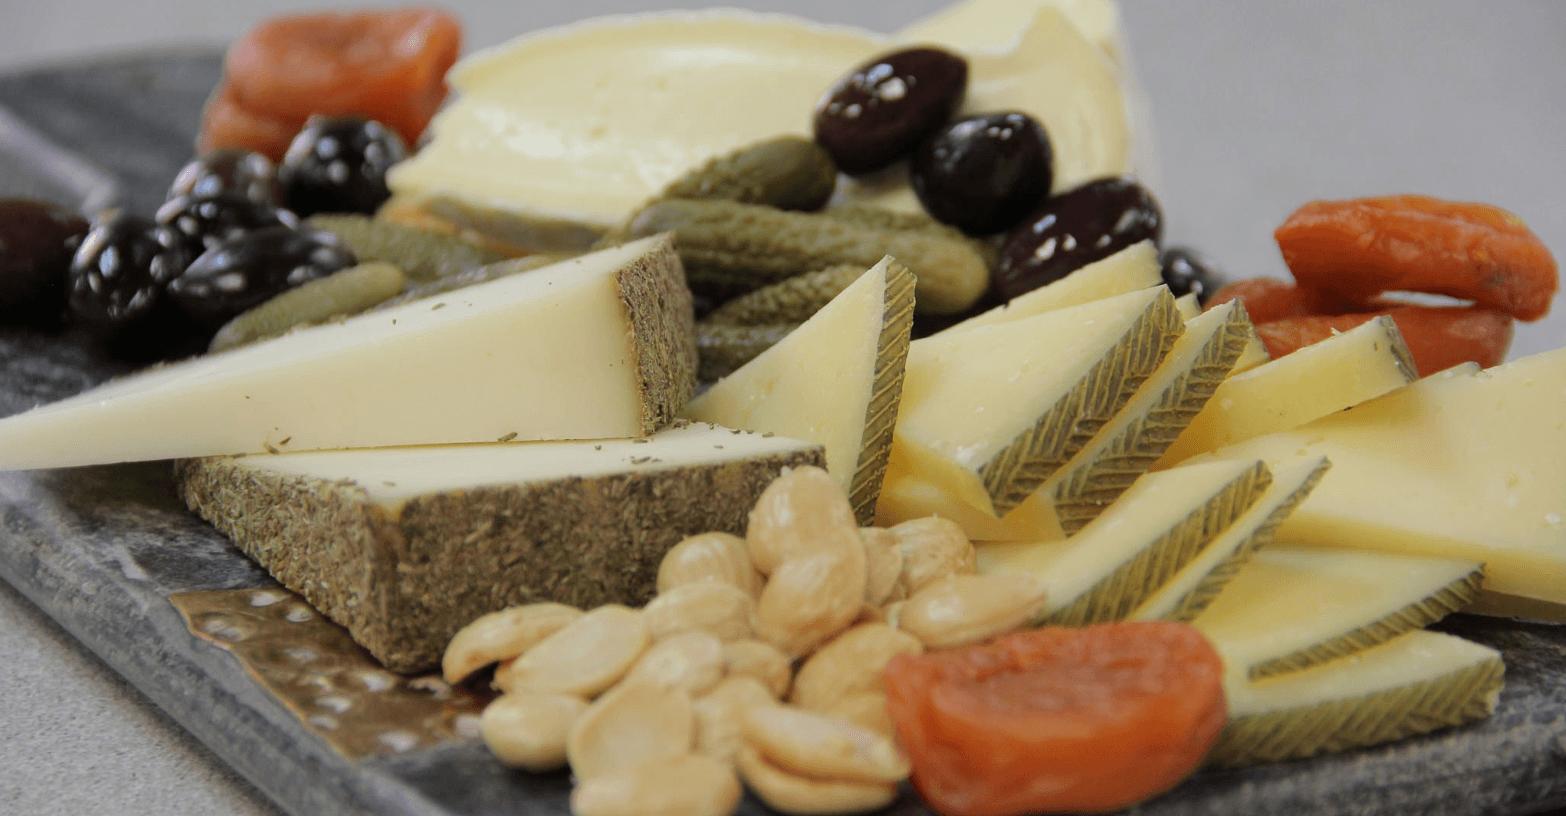 Petoskey Cheese